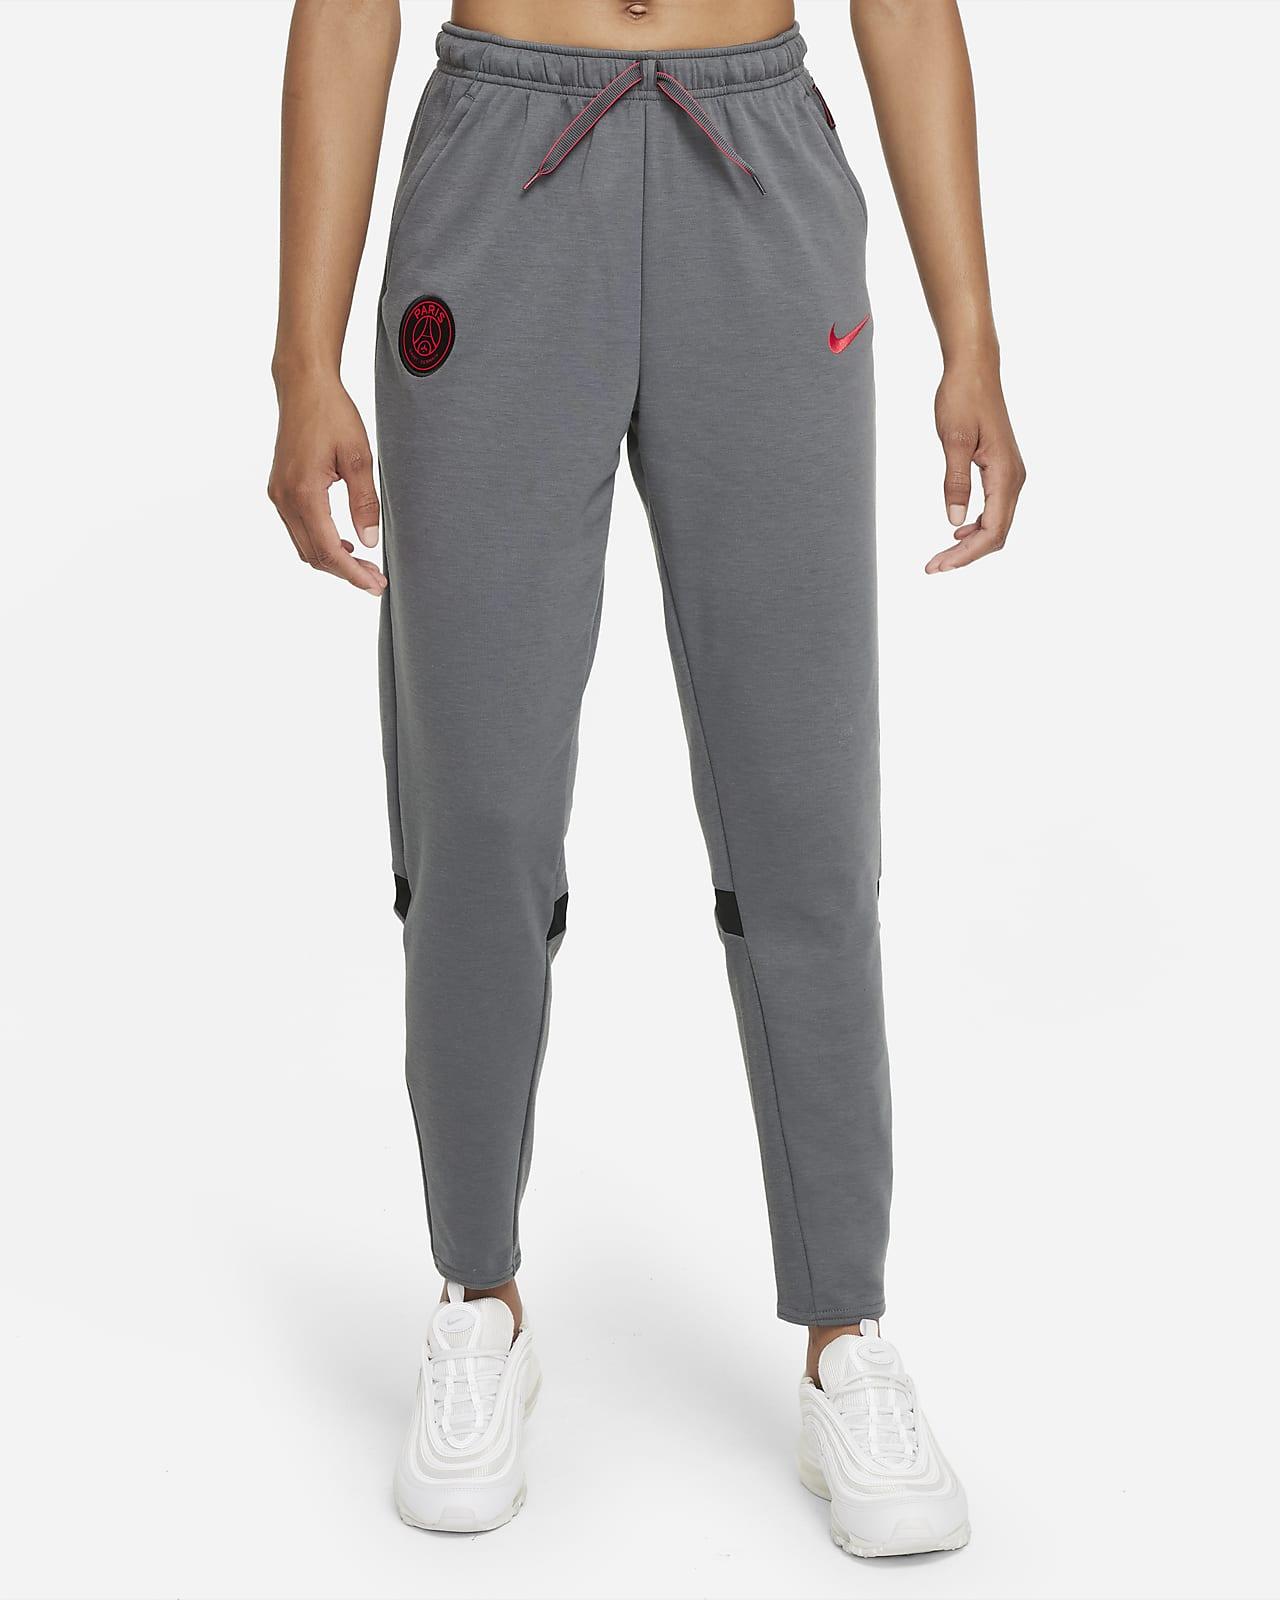 Pantalon de football de voyage en tissu Fleece Paris Saint-Germain pour Femme